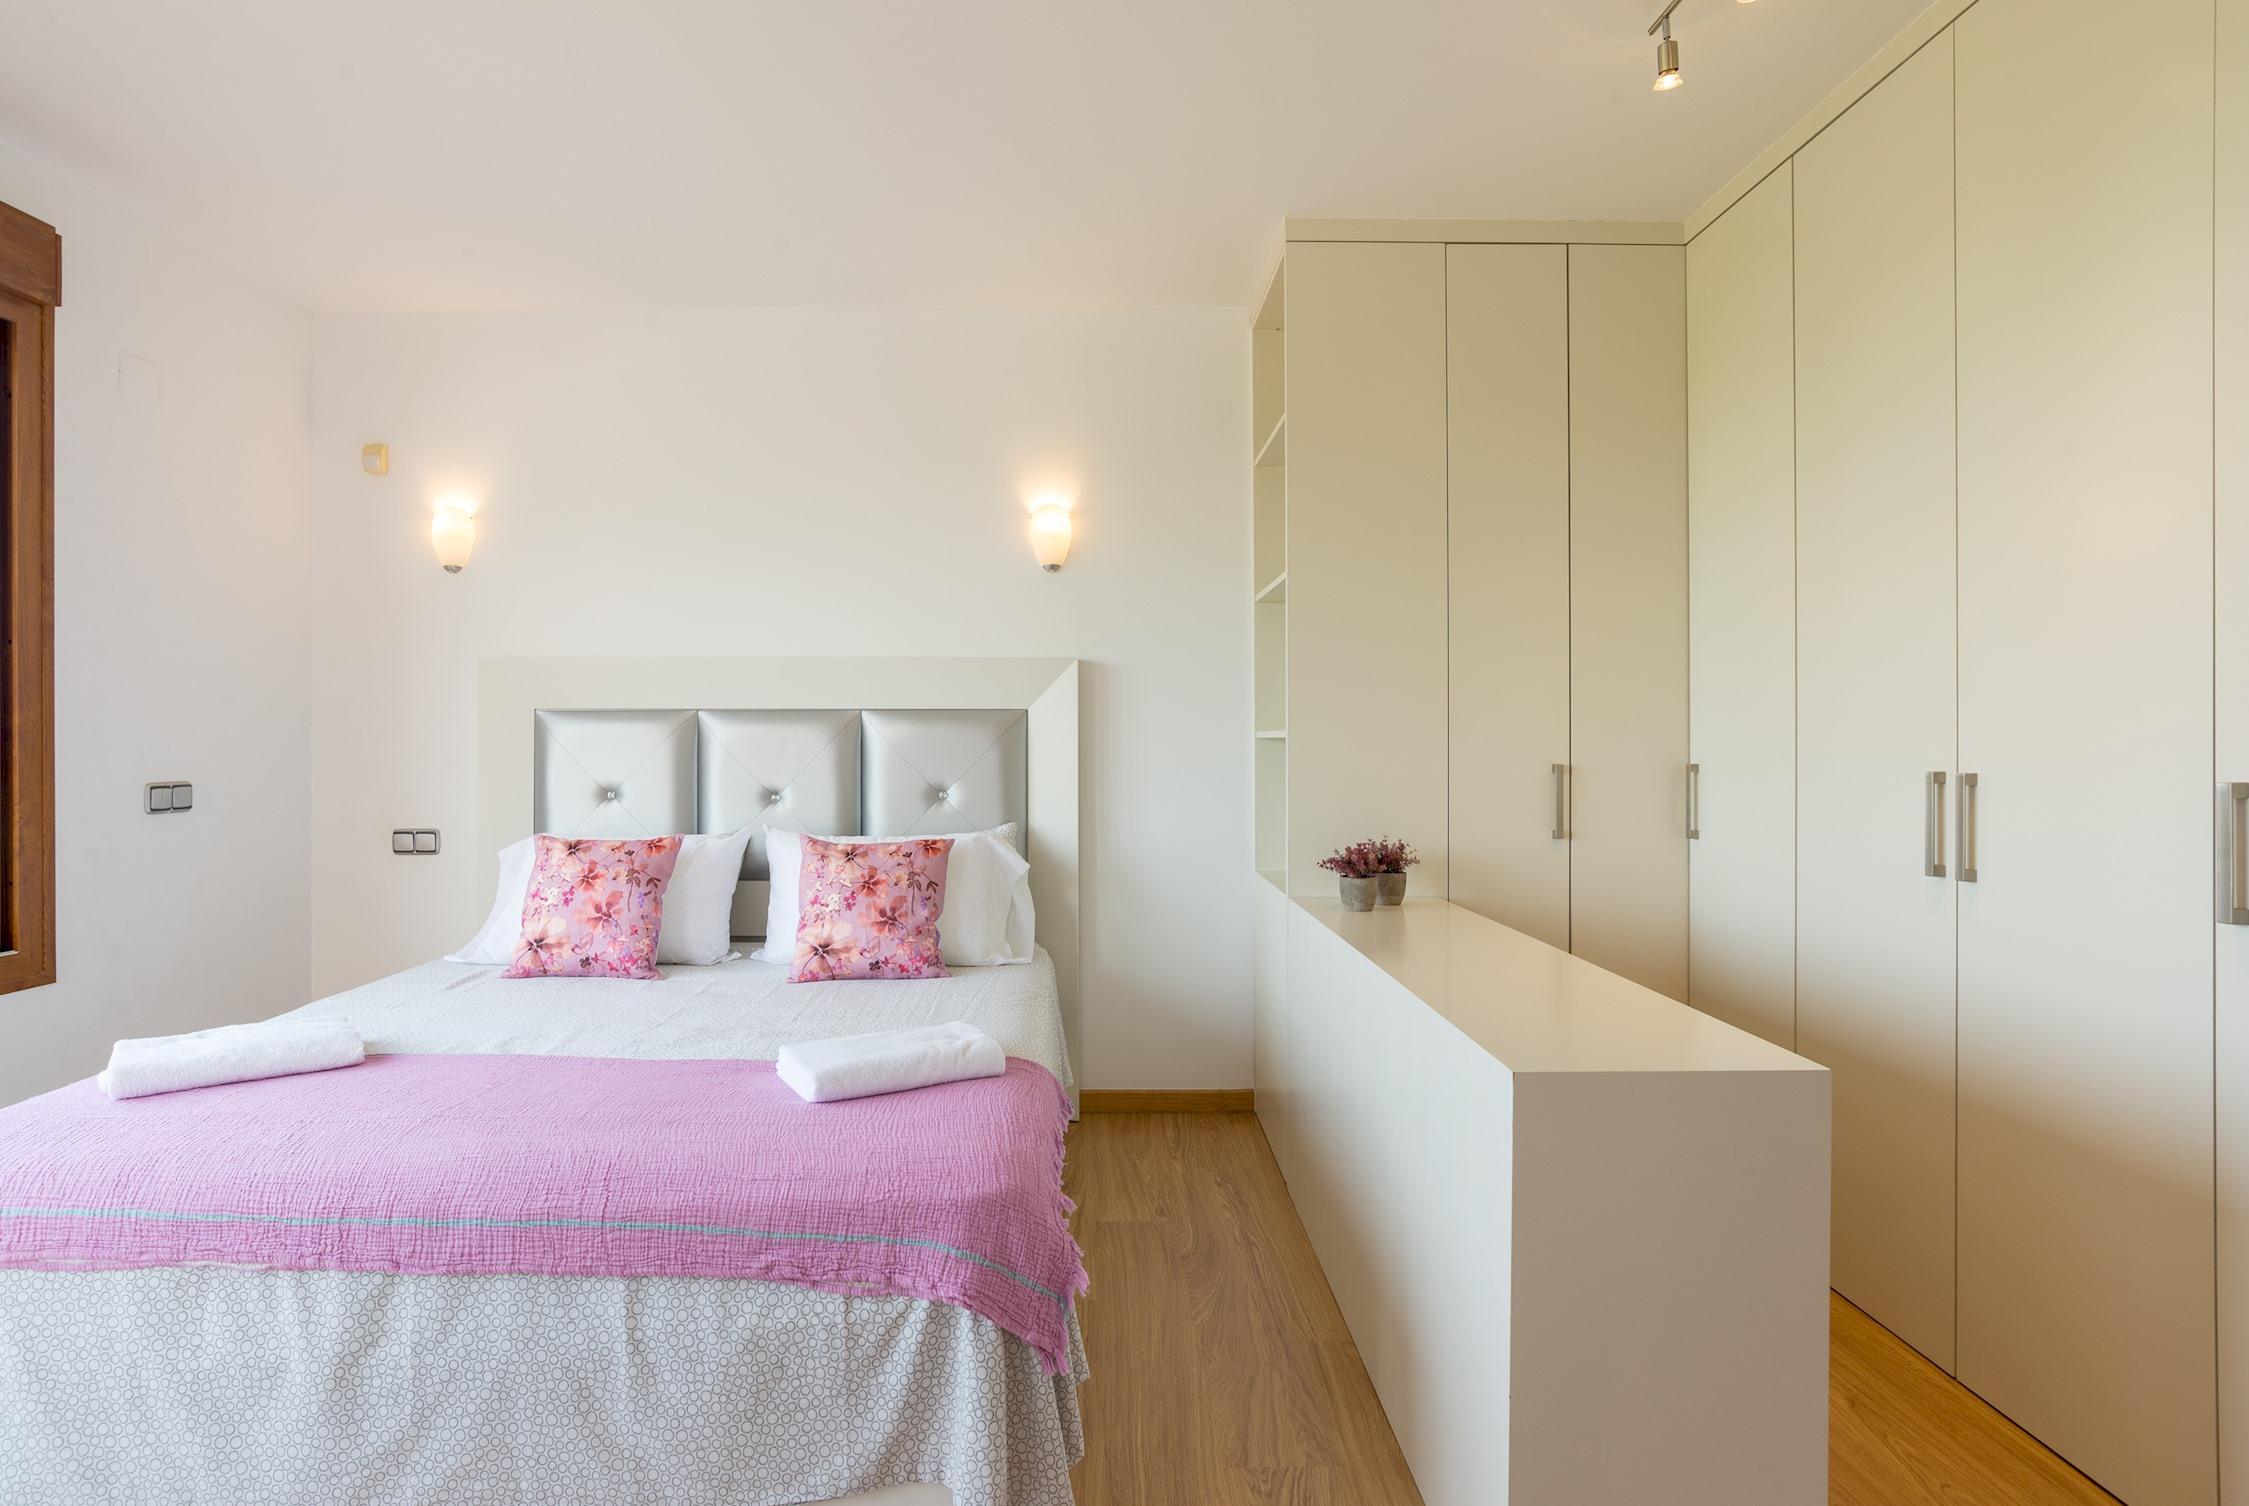 Apartment MalagaSuite Private Deluxe Villa photo 20498711